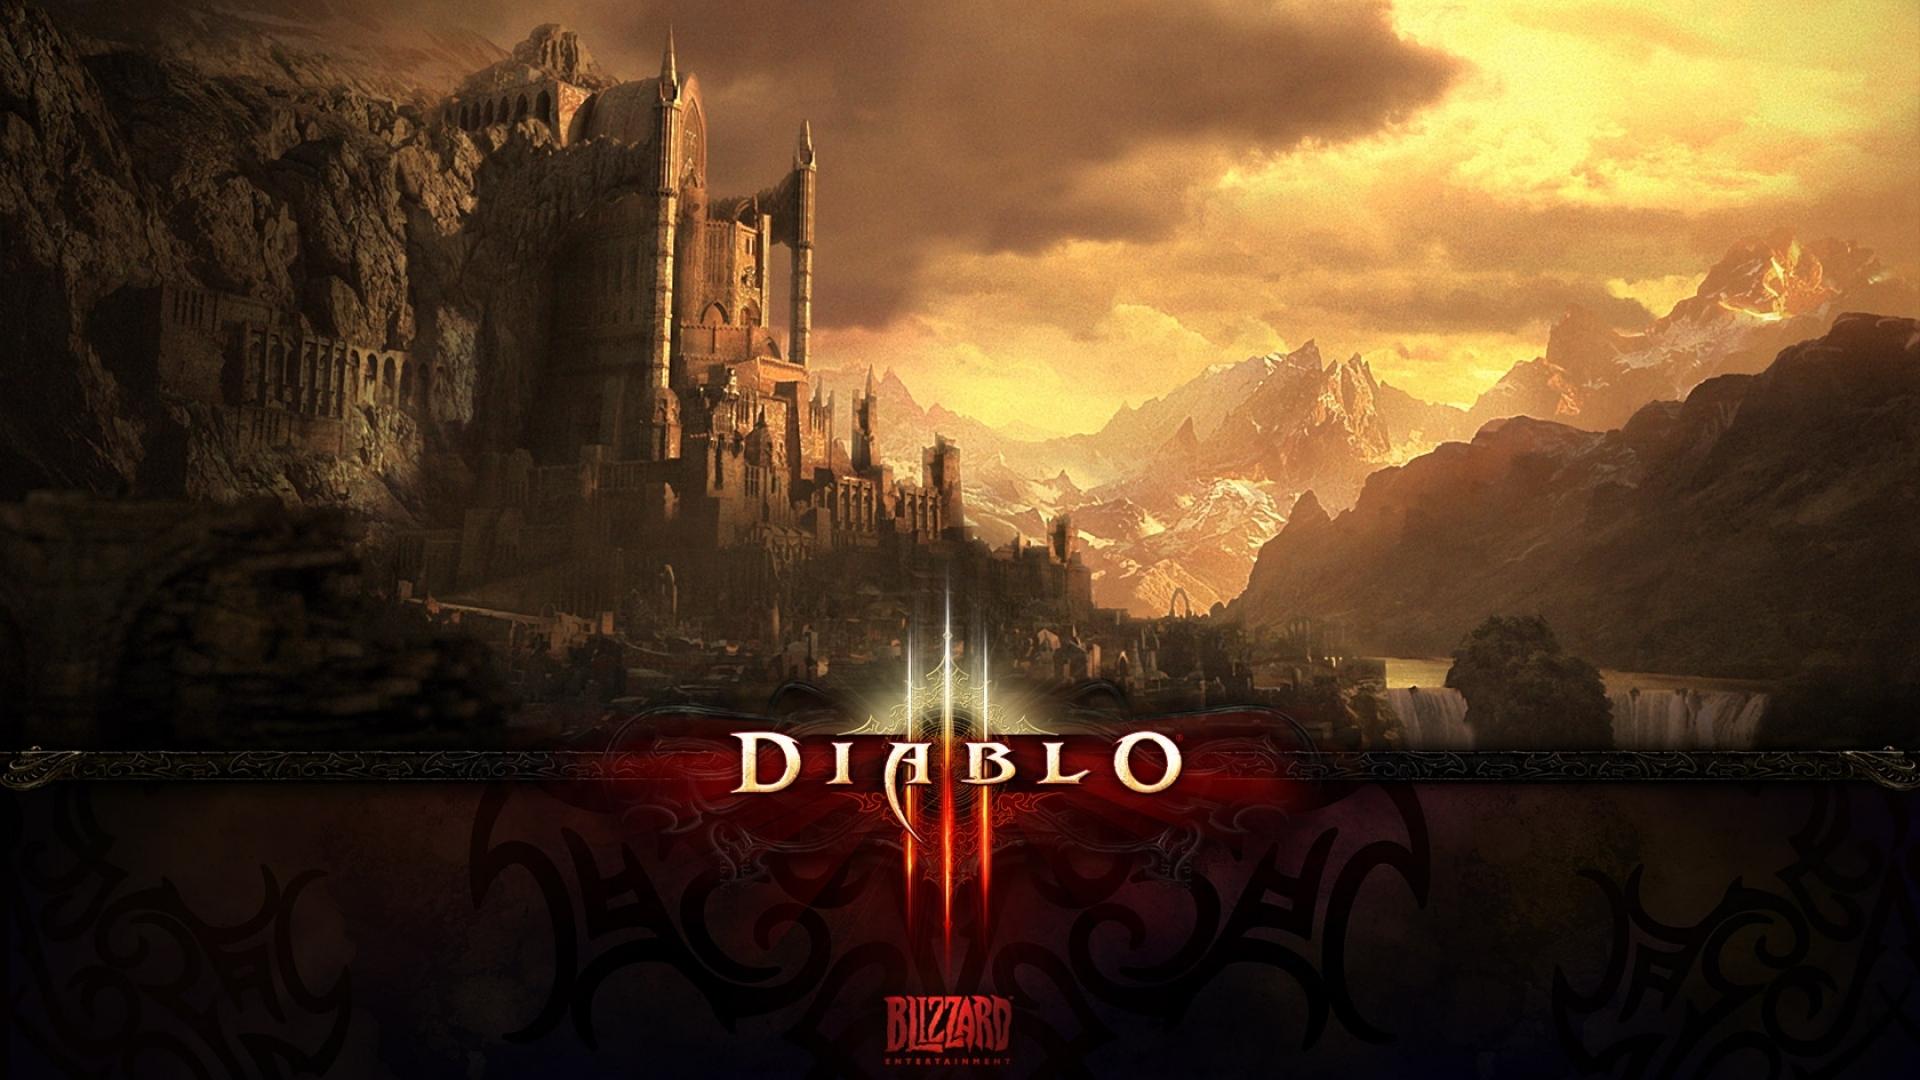 Page 2: Full HD 1080p Diablo 3 Wallpapers HD, Desktop Backgrounds